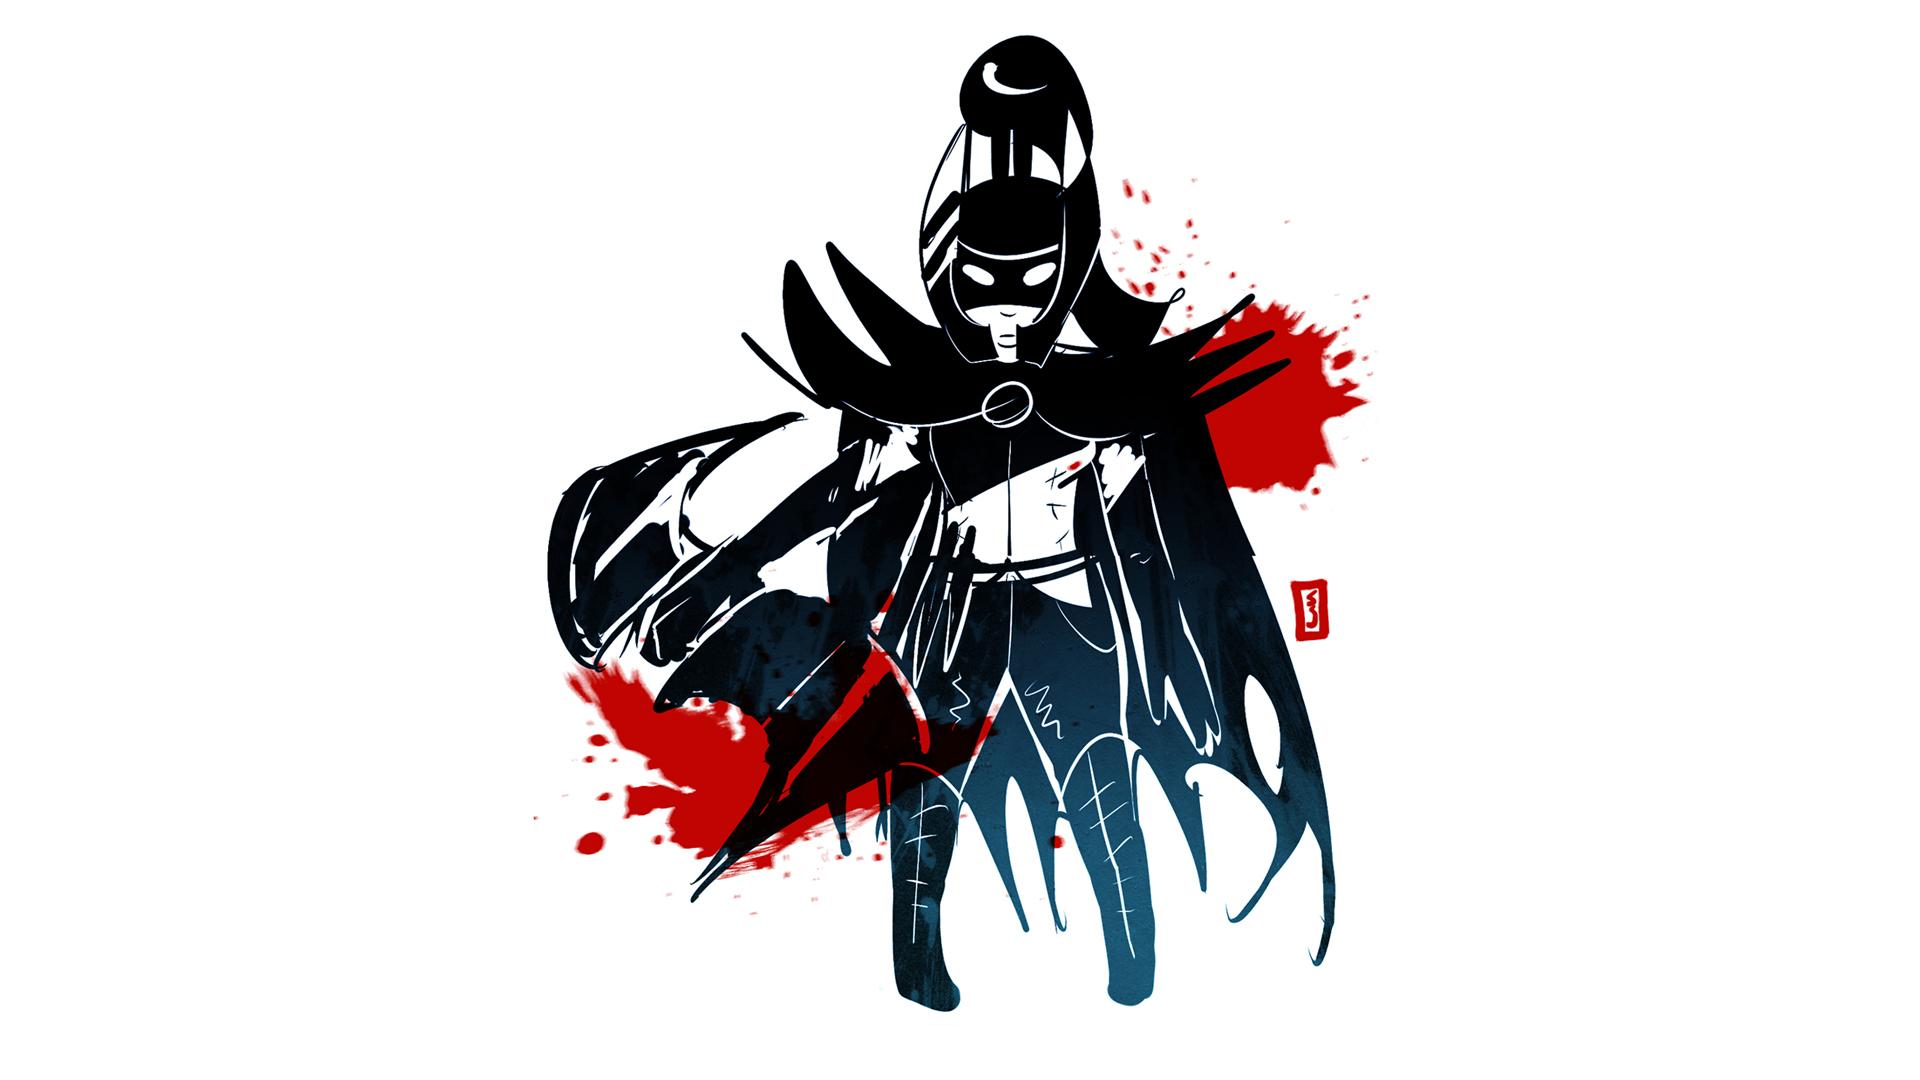 phantom assassin mortred dota 2 girl hd wallpaper hero image picture ...